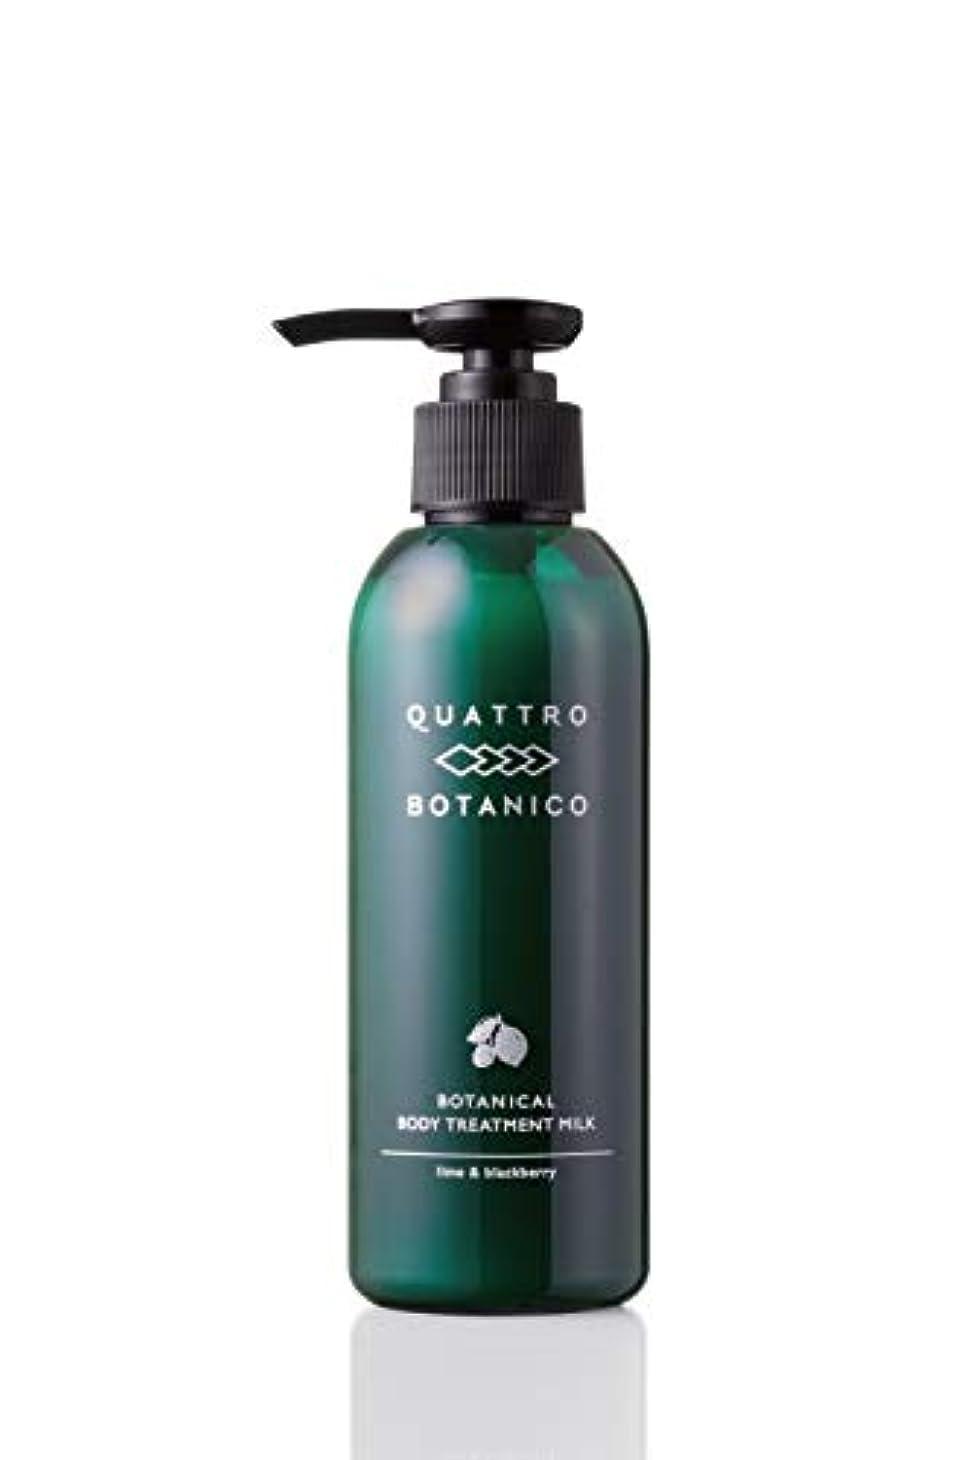 デッドロック修理可能クラフトクワトロボタニコ (QUATTRO BOTANICO) 【 ボディクリーム 】ボタニカル ボディ トリートメント ミルク (ポンプ式)かさつく肌の保湿に お風呂上がりに 180mL 約2ヶ月分?